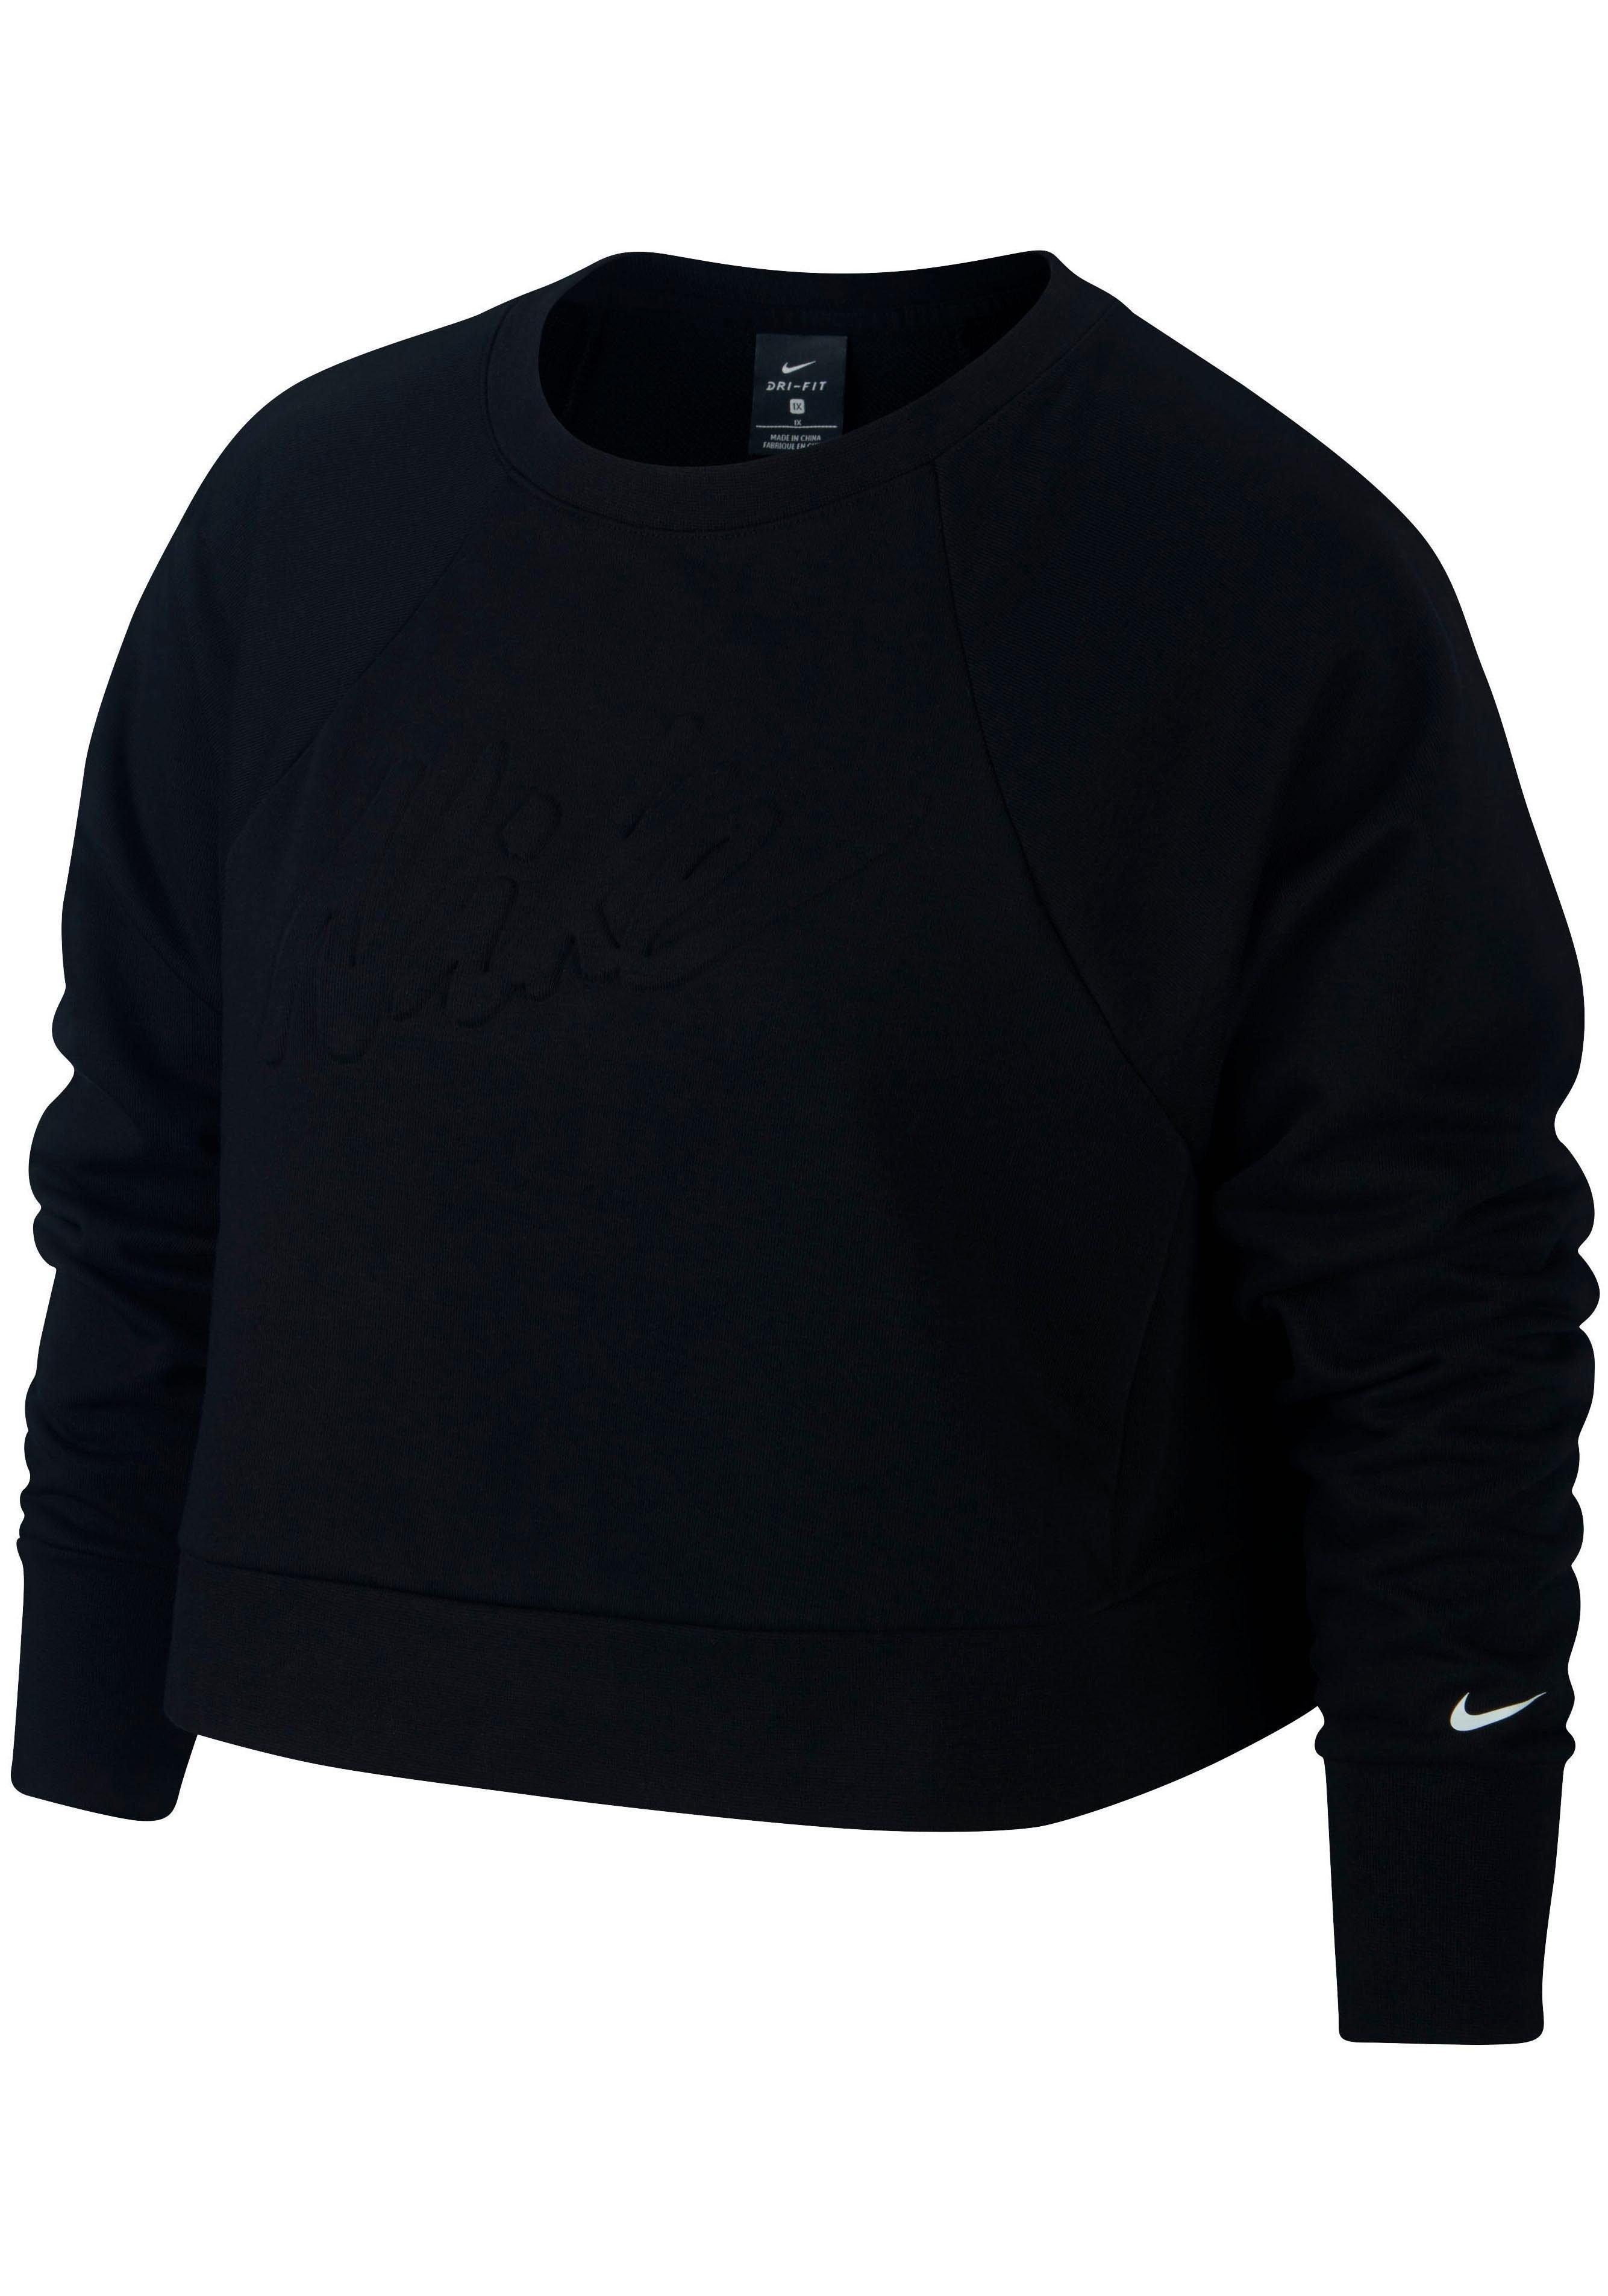 Artikel klicken und genauer betrachten! - Schnelltrocknendes Sweatshirt von Nike®mit feuchtigkeitsableitender Dri-FIT-Funktion. In bequemer Passform mit Rundhalsausschnitt, bewegungsfreundlichen Raglan-Ärmeln und breiten Bündchen. Große Logoprägung vorn sowie kleiner Logoprint am Ärmel. Atmungsaktive Sweatqualität. | im Online Shop kaufen